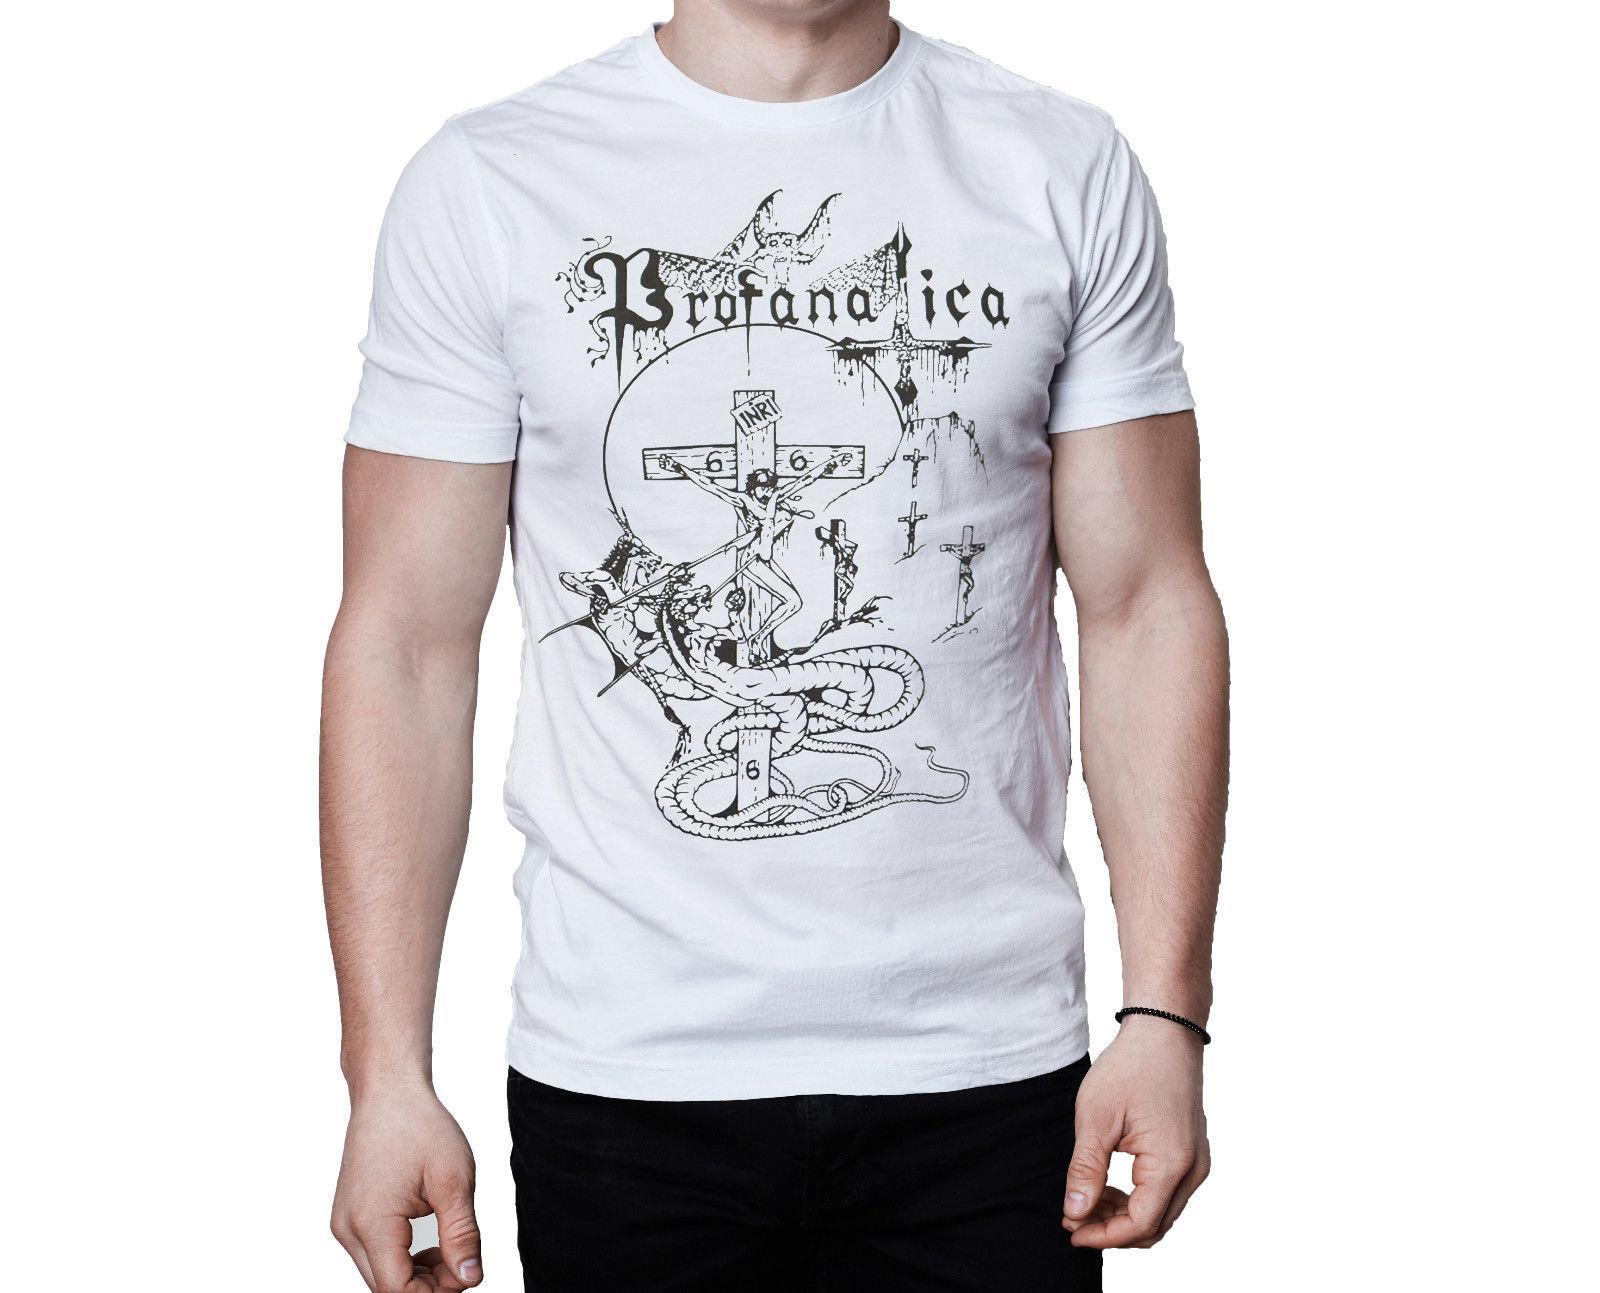 Profanatica chorando na canção do céu inspirado branco camiseta